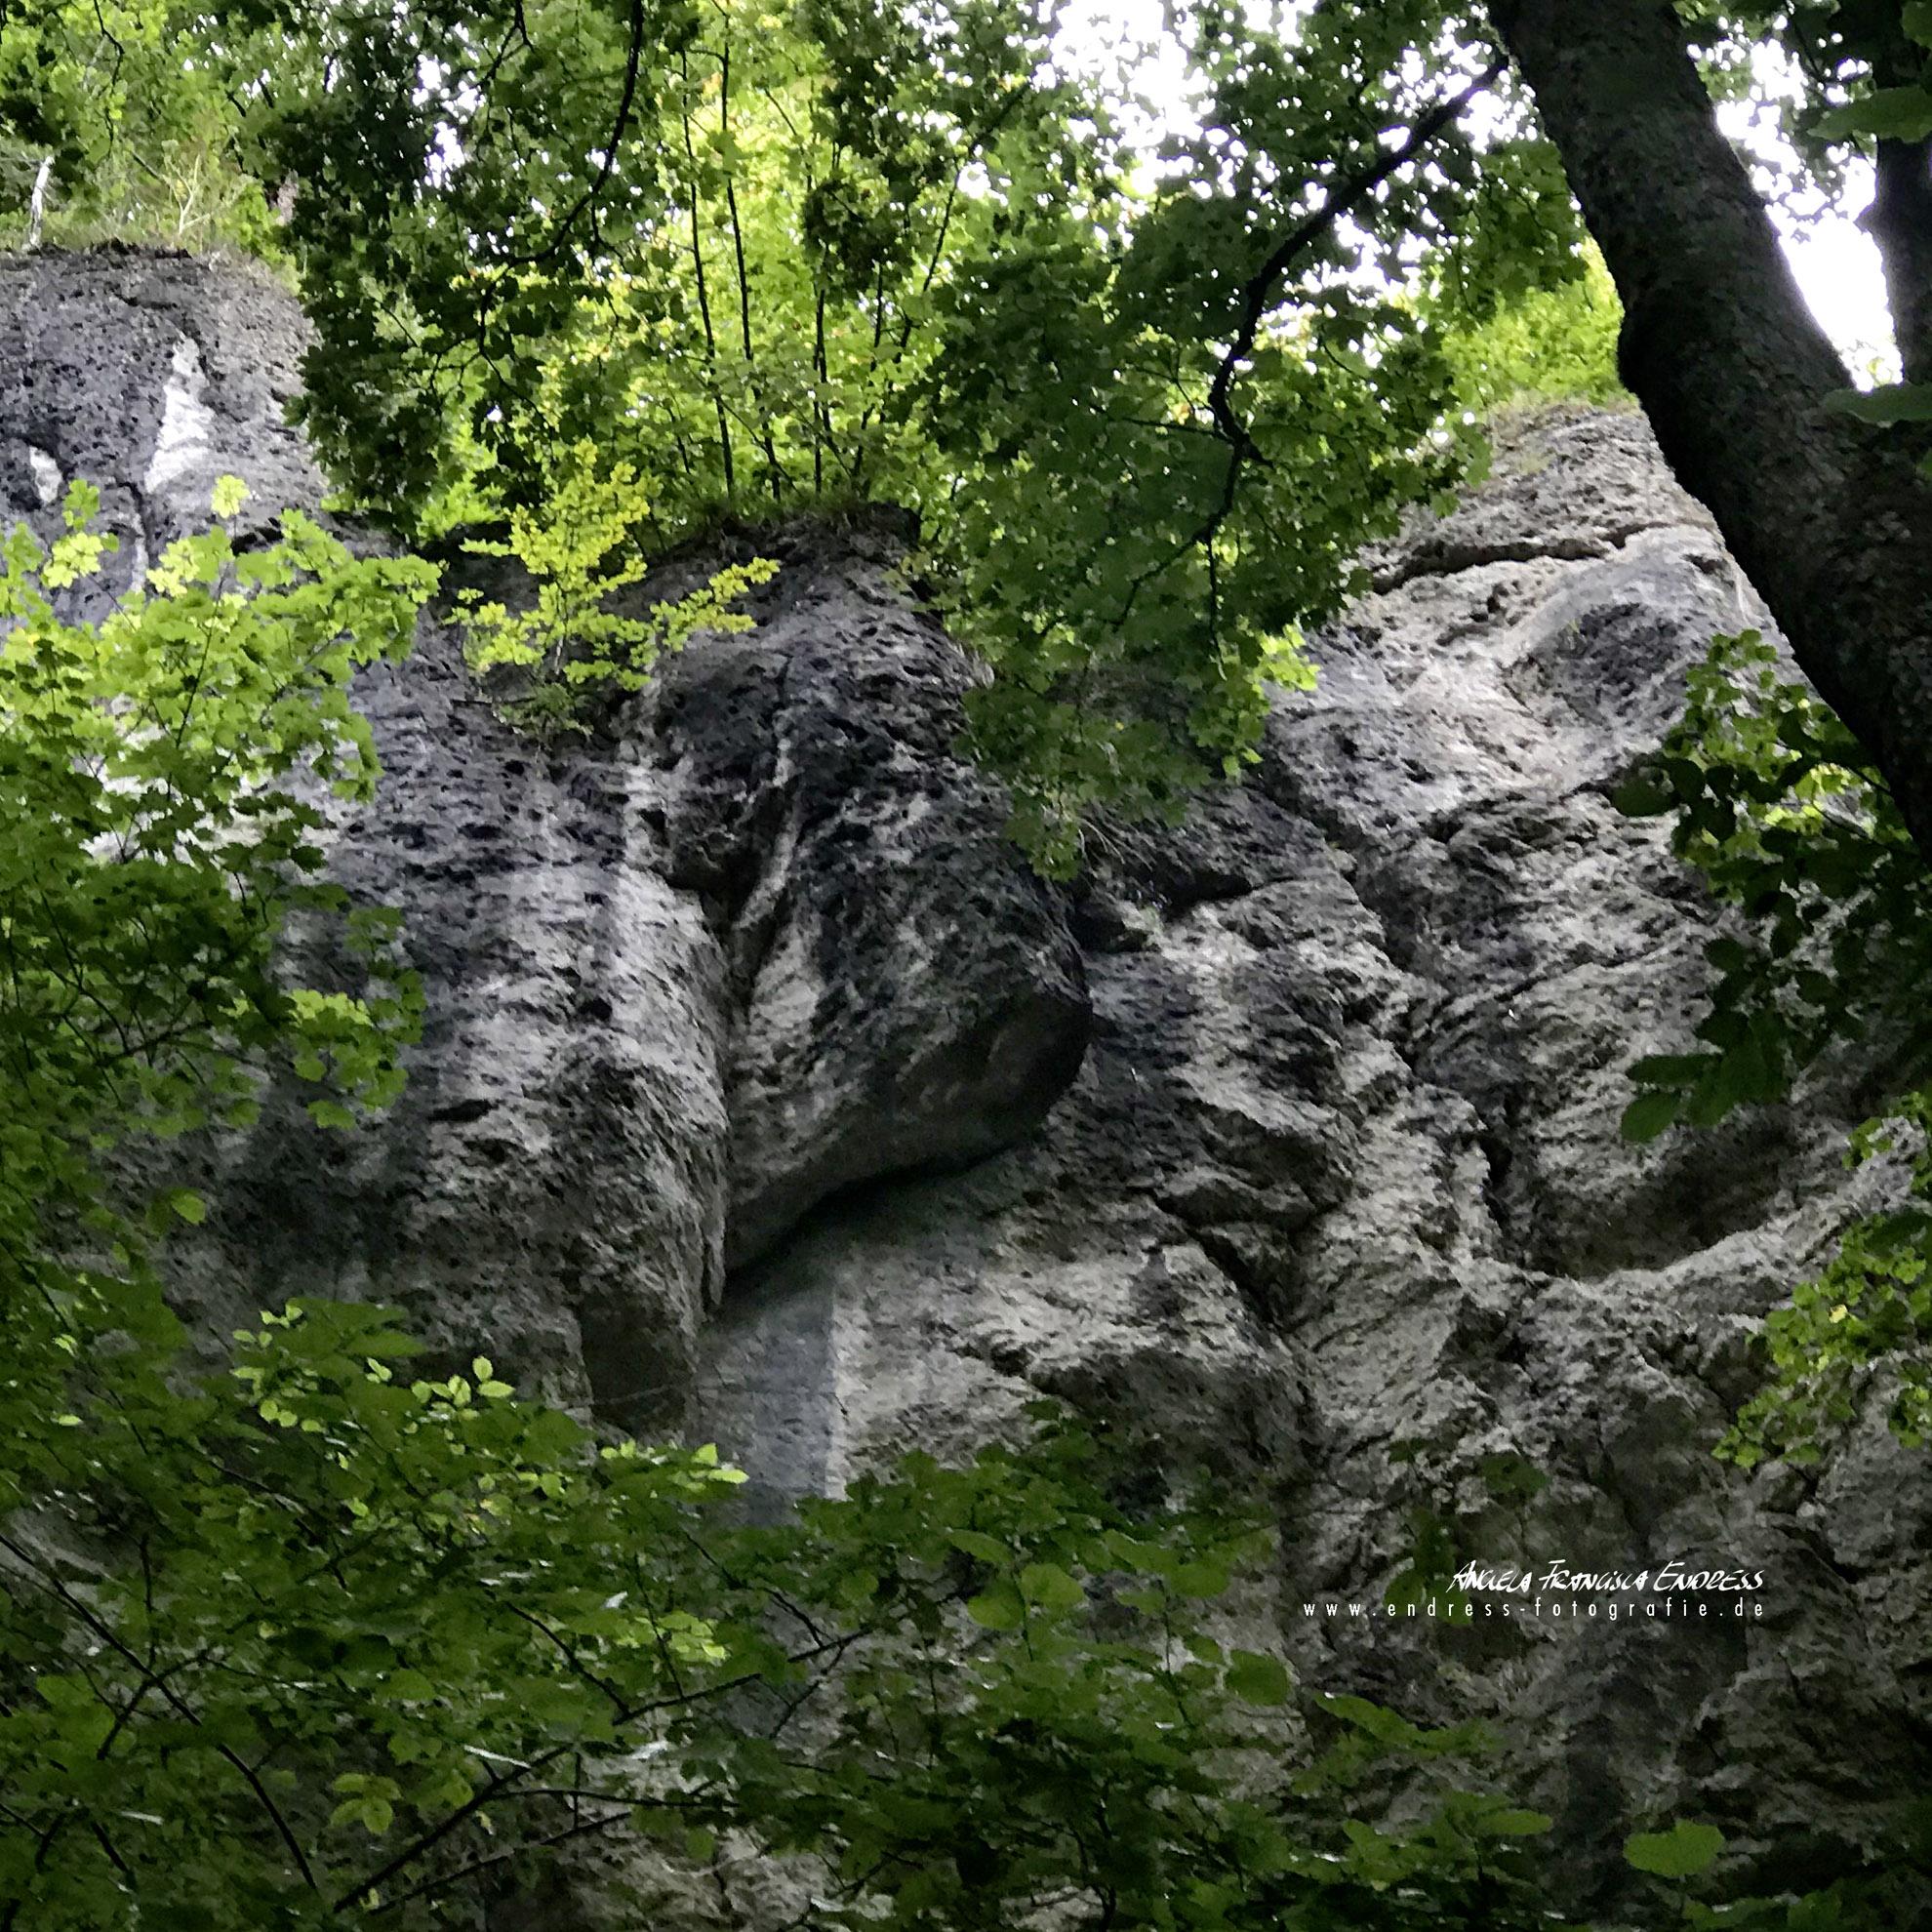 Felsen im Wald an der Wiesent im Tal